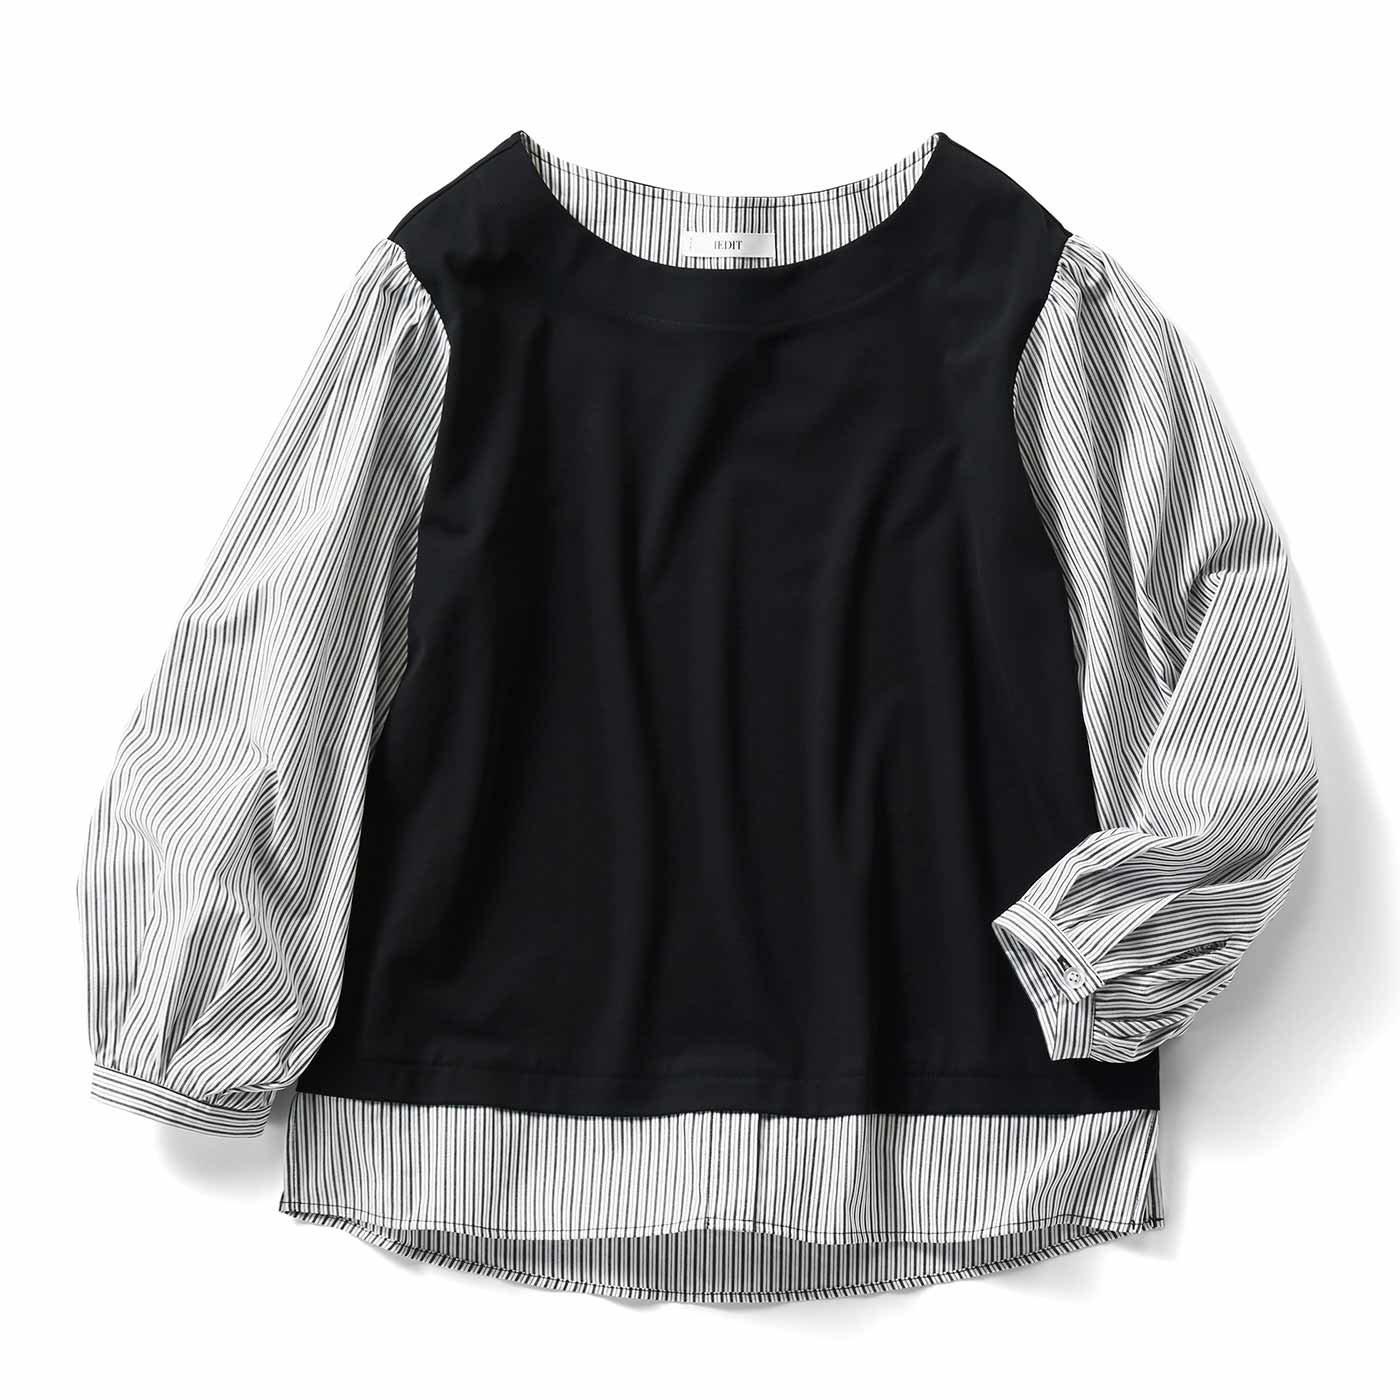 IEDIT[イディット] Tシャツ以上ブラウス未満の着映えドッキングトップスの会